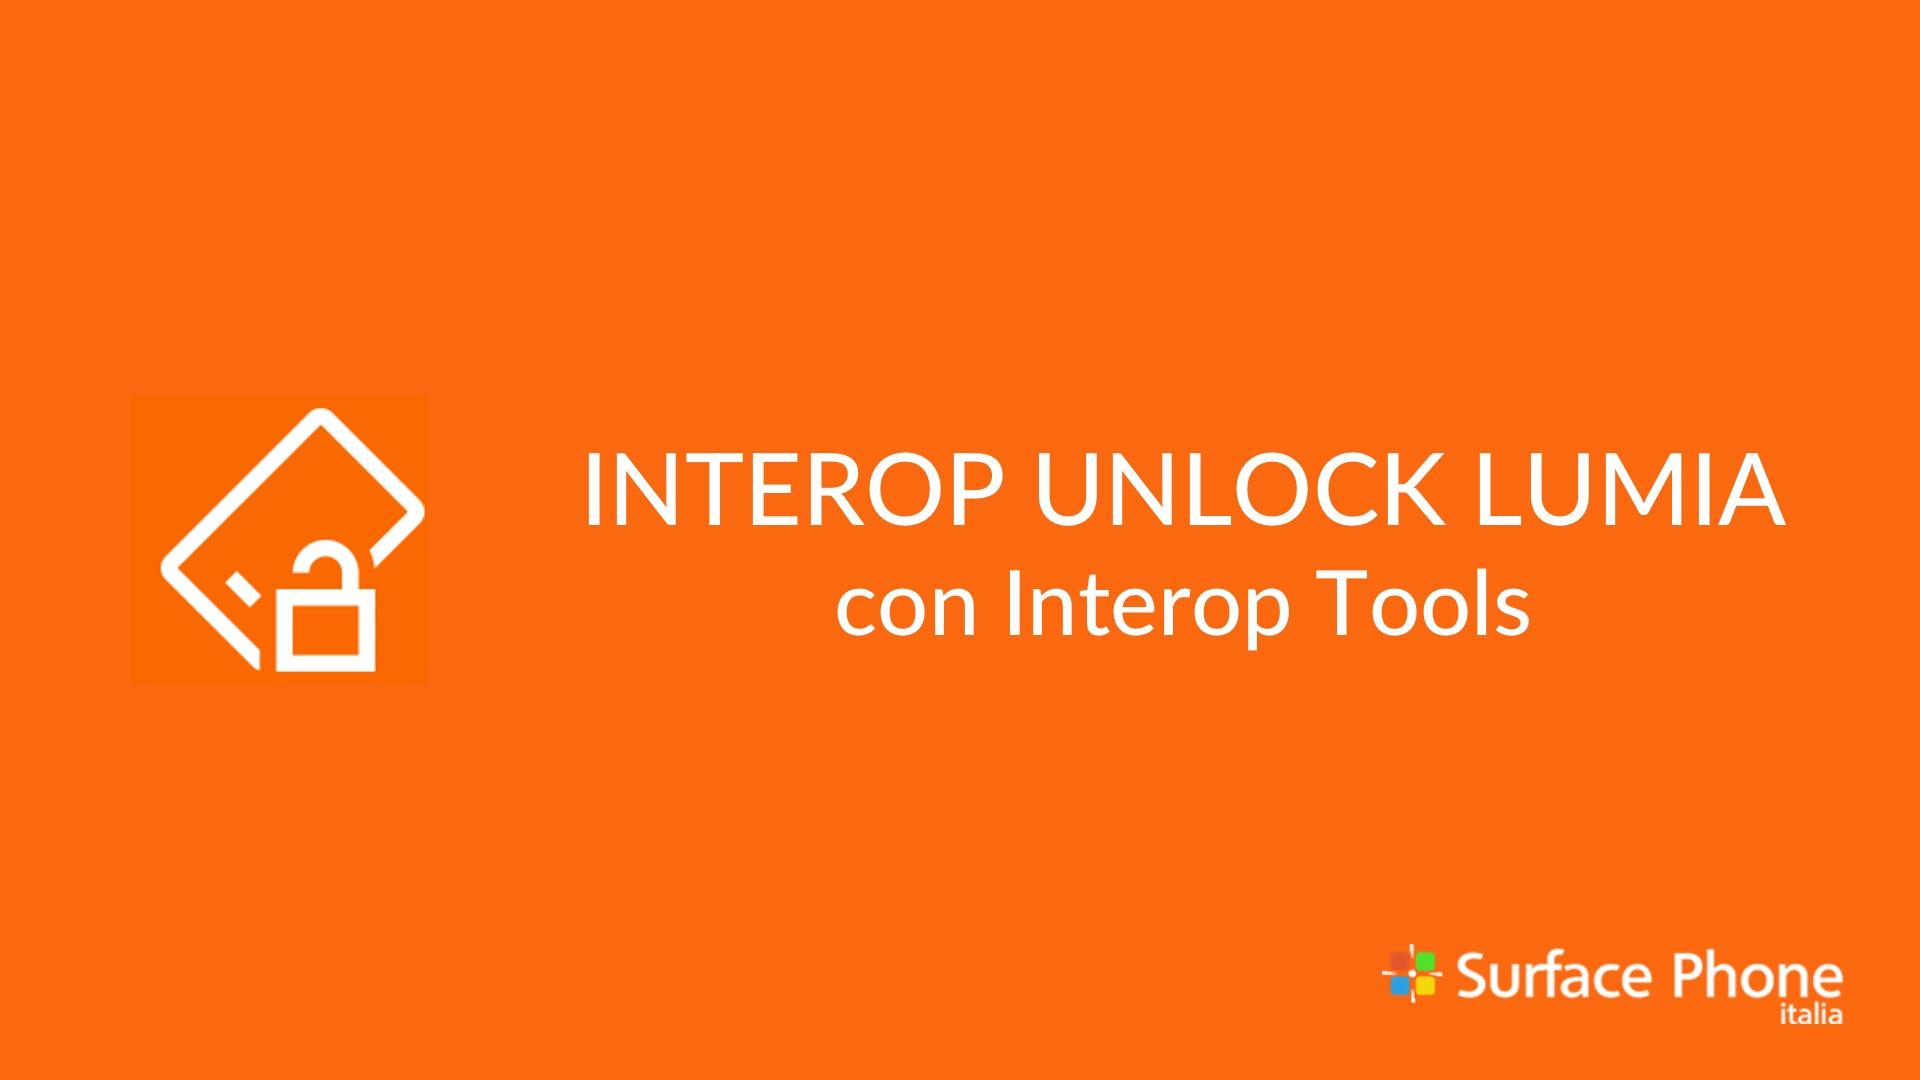 Guida: Interop Unlock per Lumia con Windows 10 Mobile